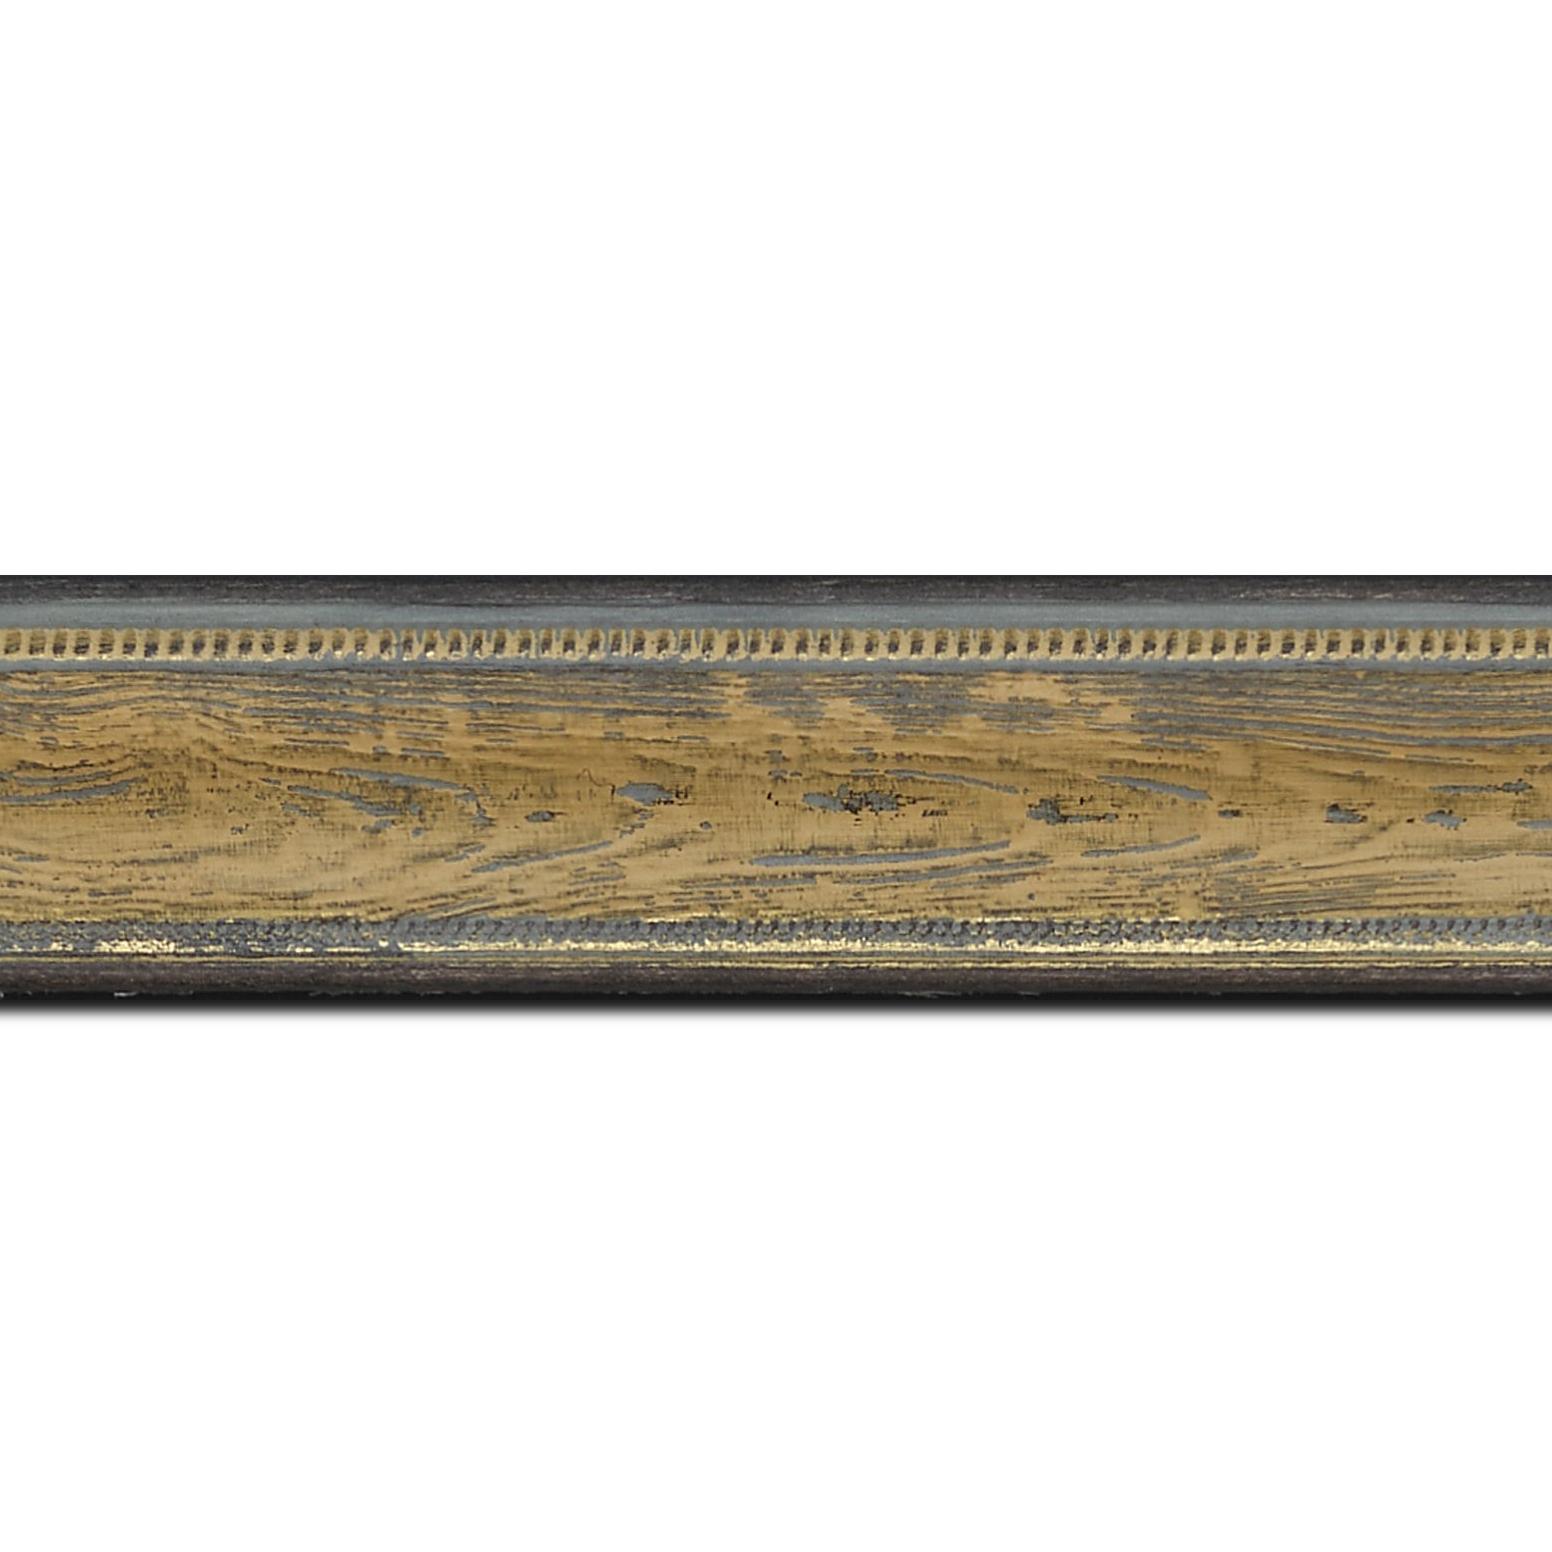 Baguette longueur 1.40m bois incurvé profil incurvé largeur 4.1cm couleur vert sur naturel aspect veiné liseret or